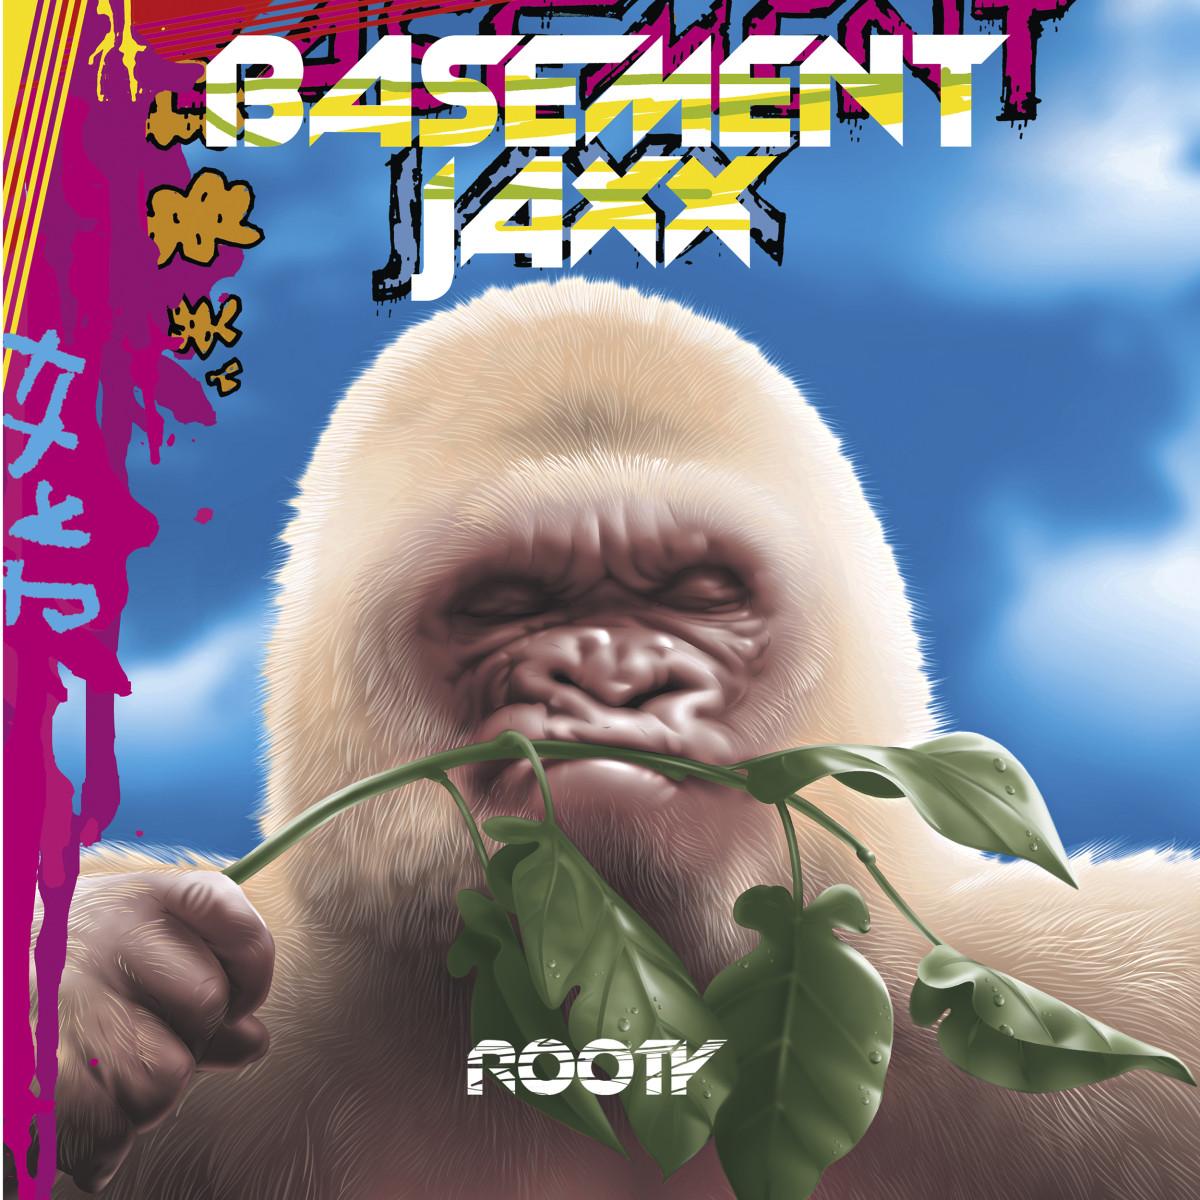 """Basement Jaxx - Rooty / Basement Jaxx - Rooty / Basement Jaxx - Rooty<span class=""""slide_numbers""""><span class=""""slide_number"""">1</span>/2</span>"""